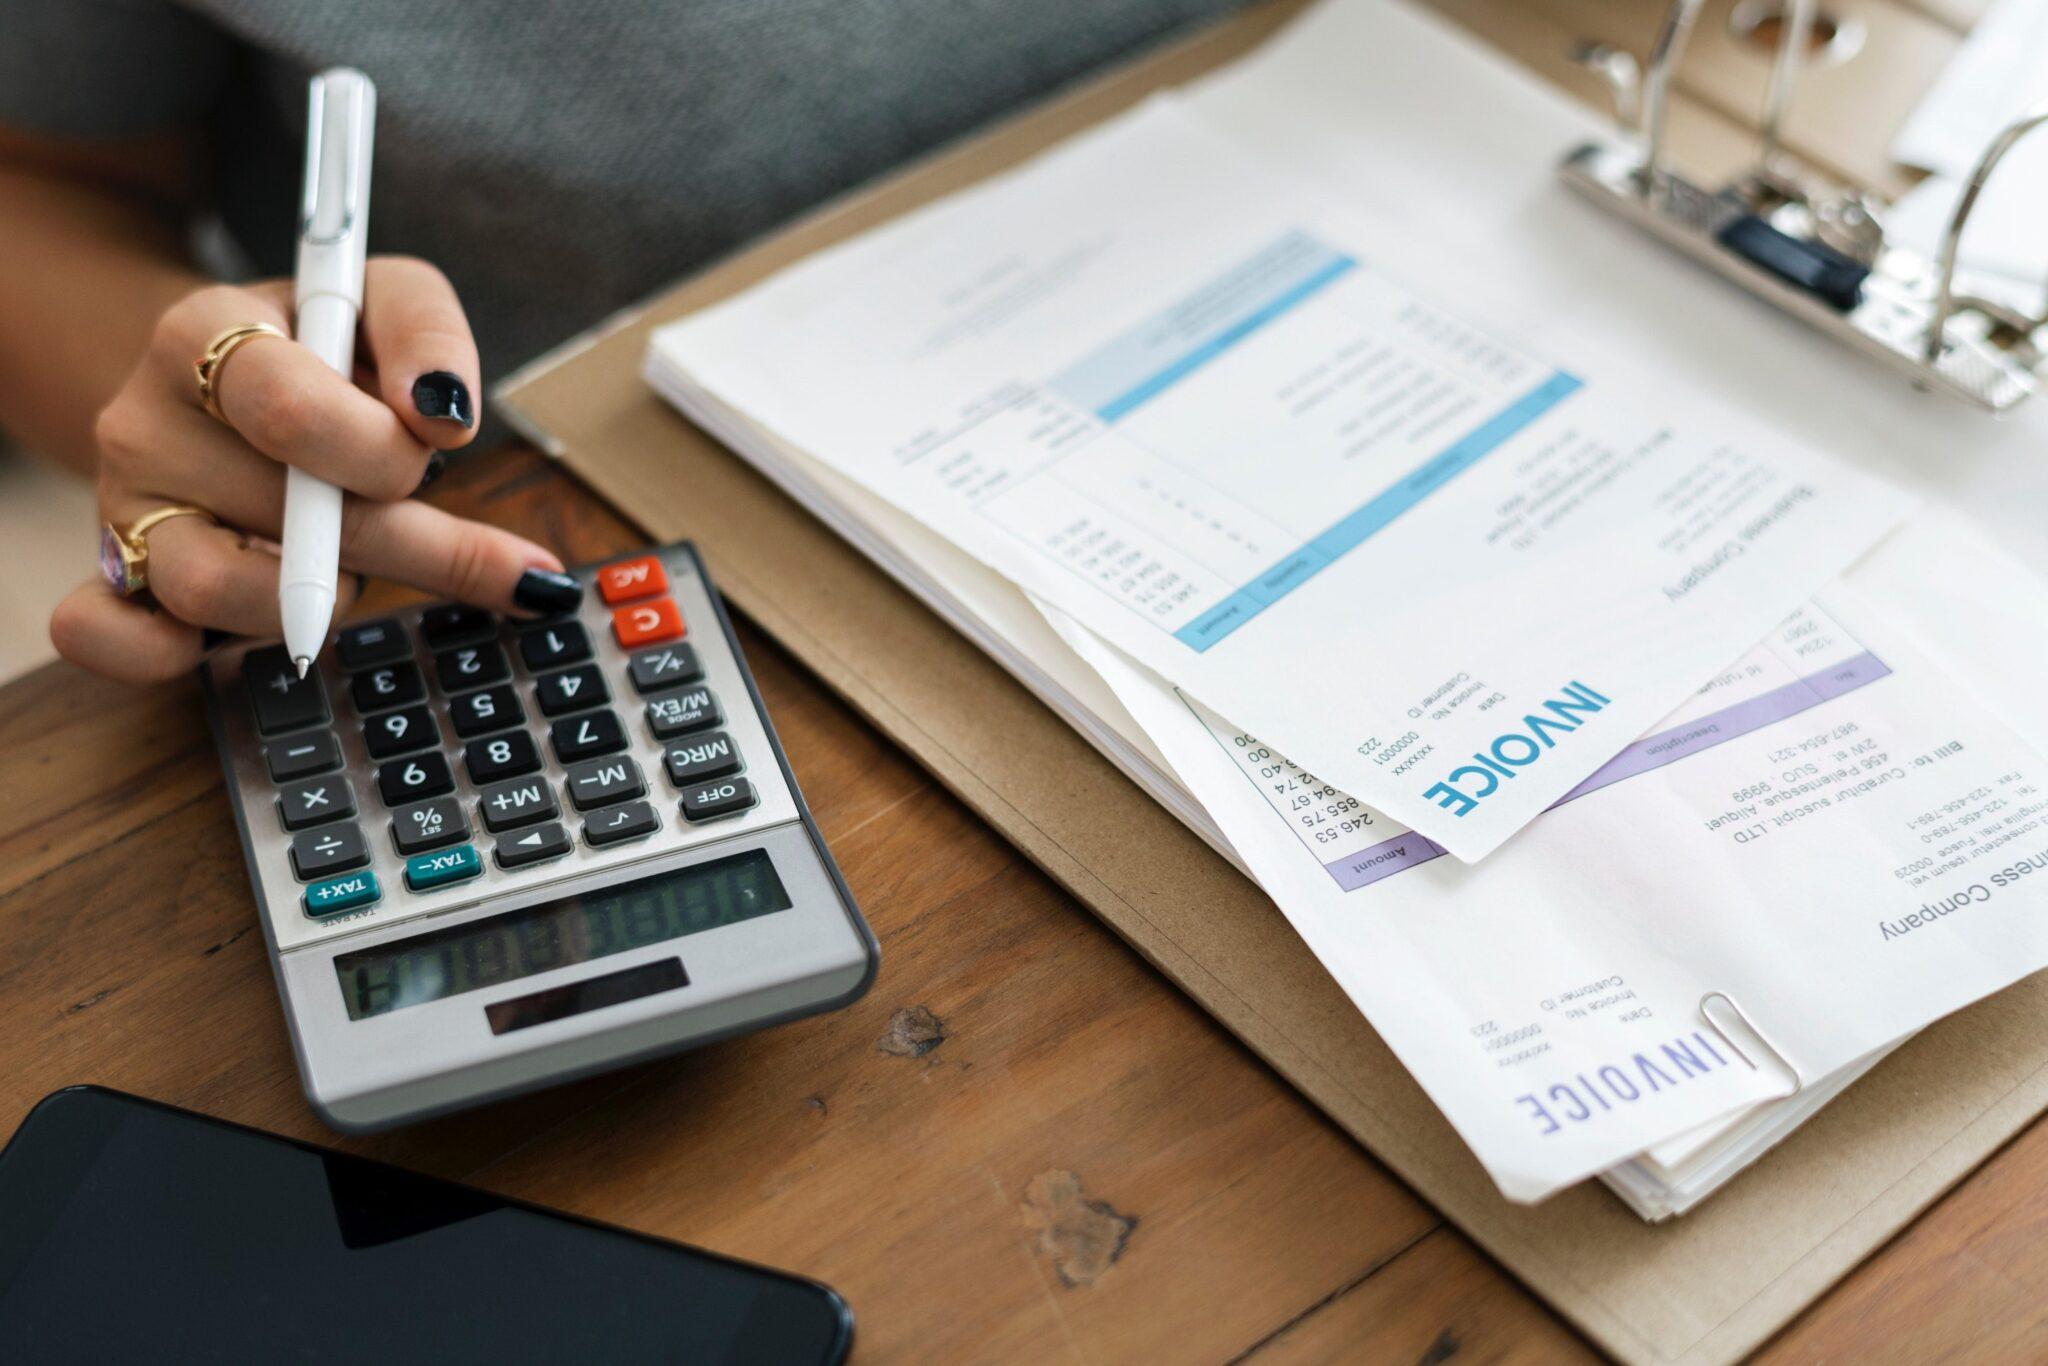 Cómo llevar un mejor control de facturas? | Sercopi Levante